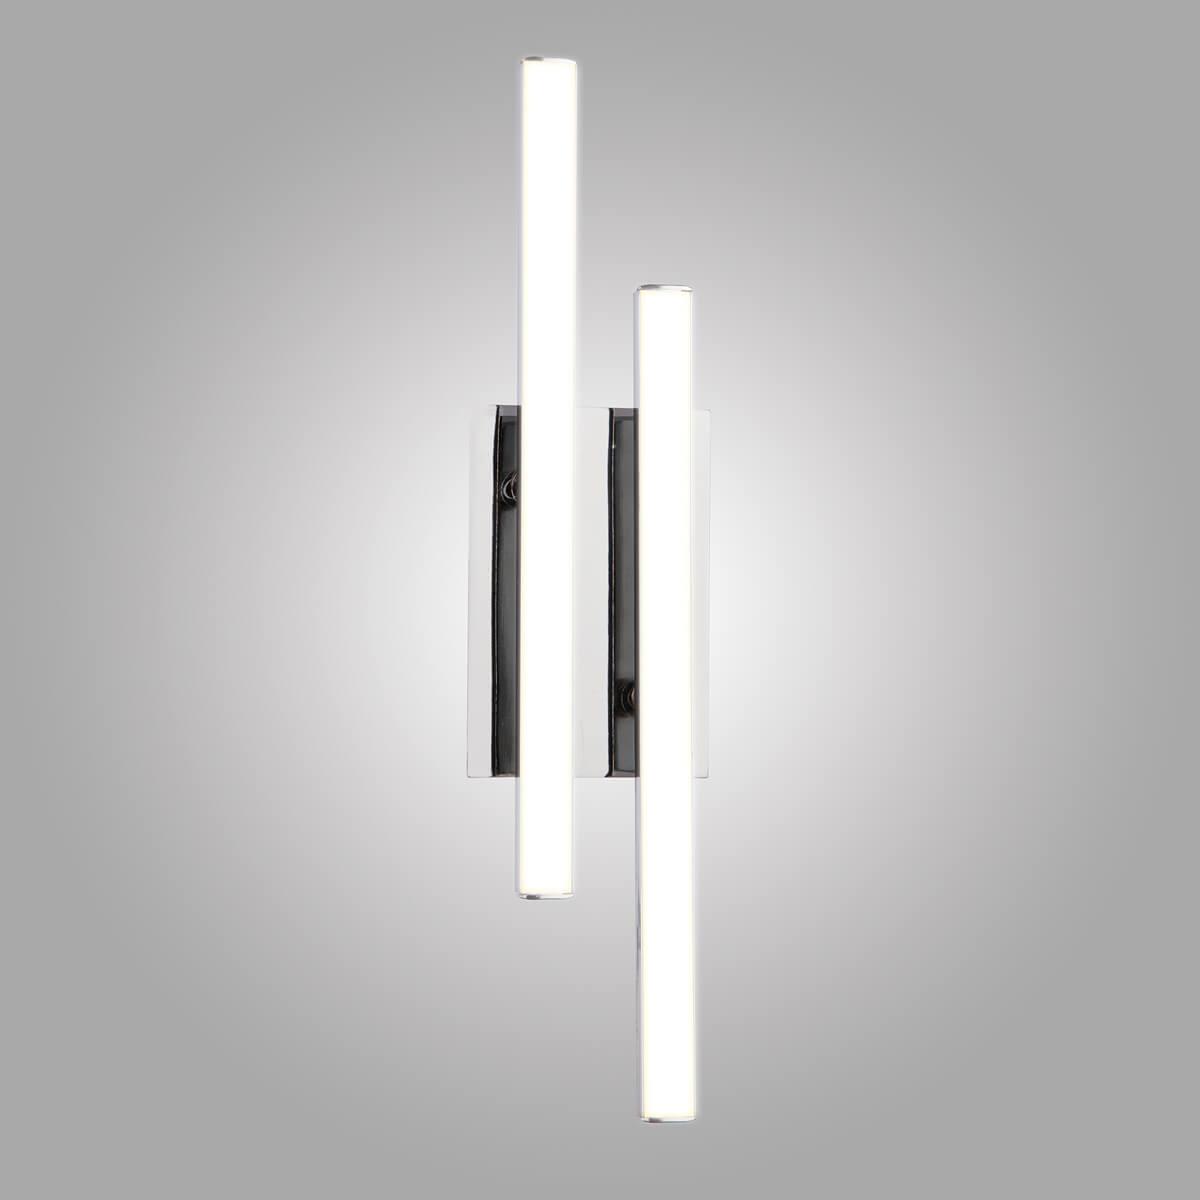 цена на Настенный светодиодный светильник Eurosvet Хай-Тек 90020/2 хром